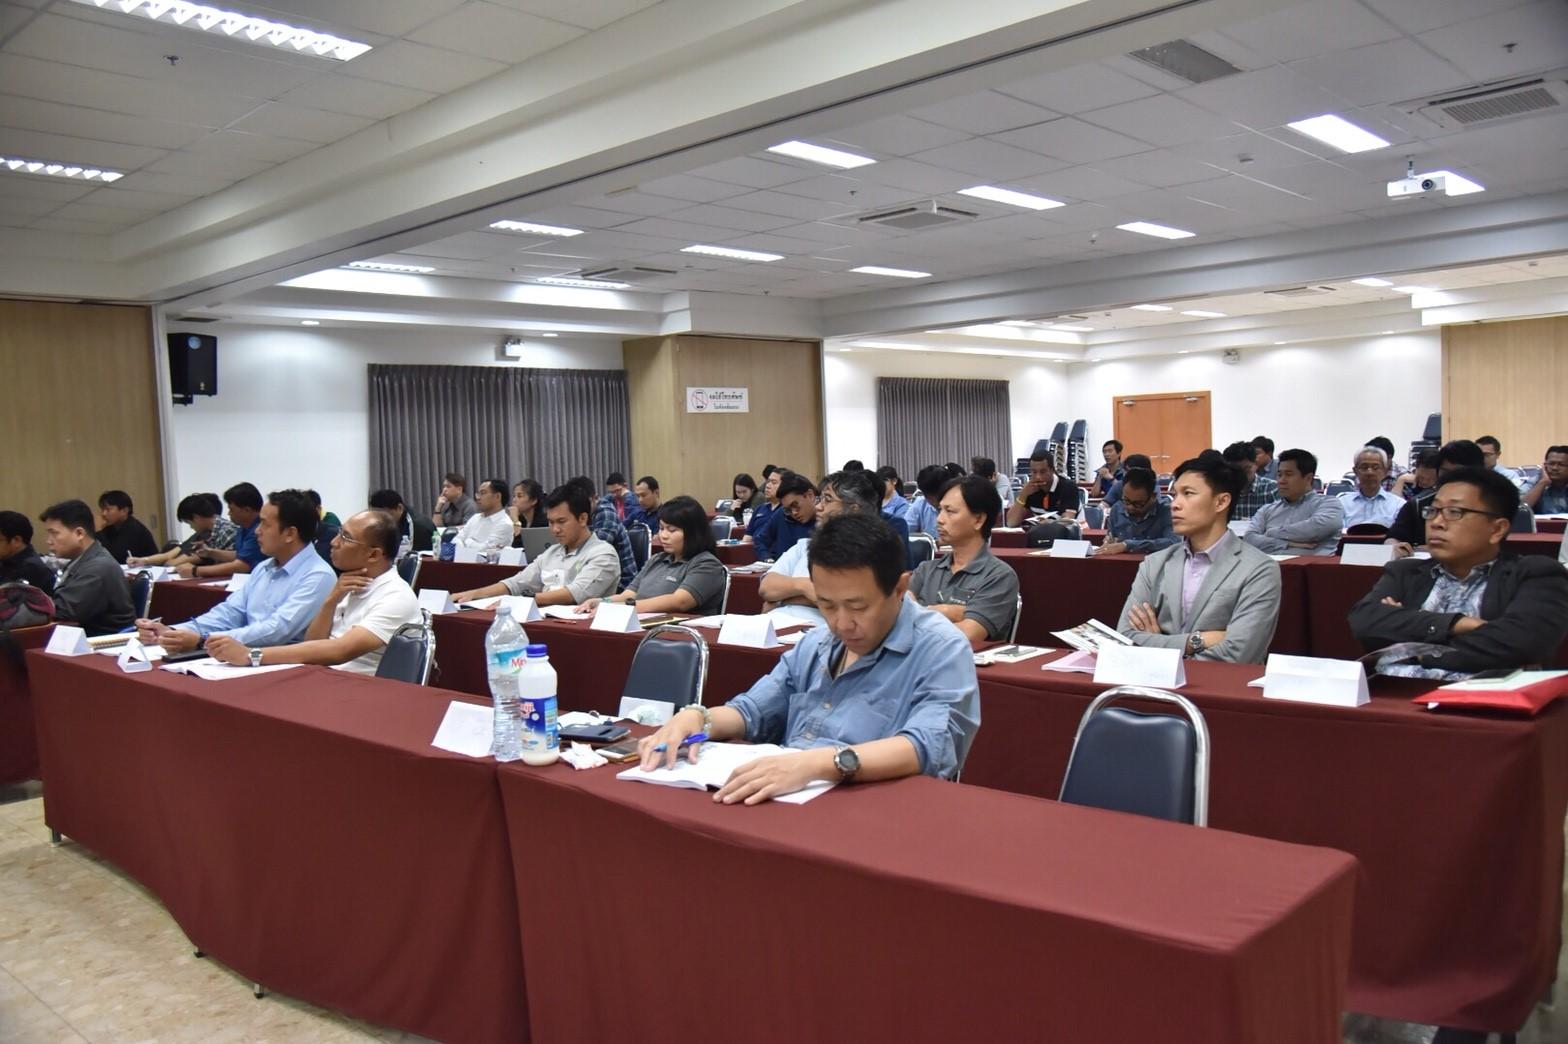 โครงการอบรมเรื่อง Contract Administration & Project Management รุ่นที่ 19